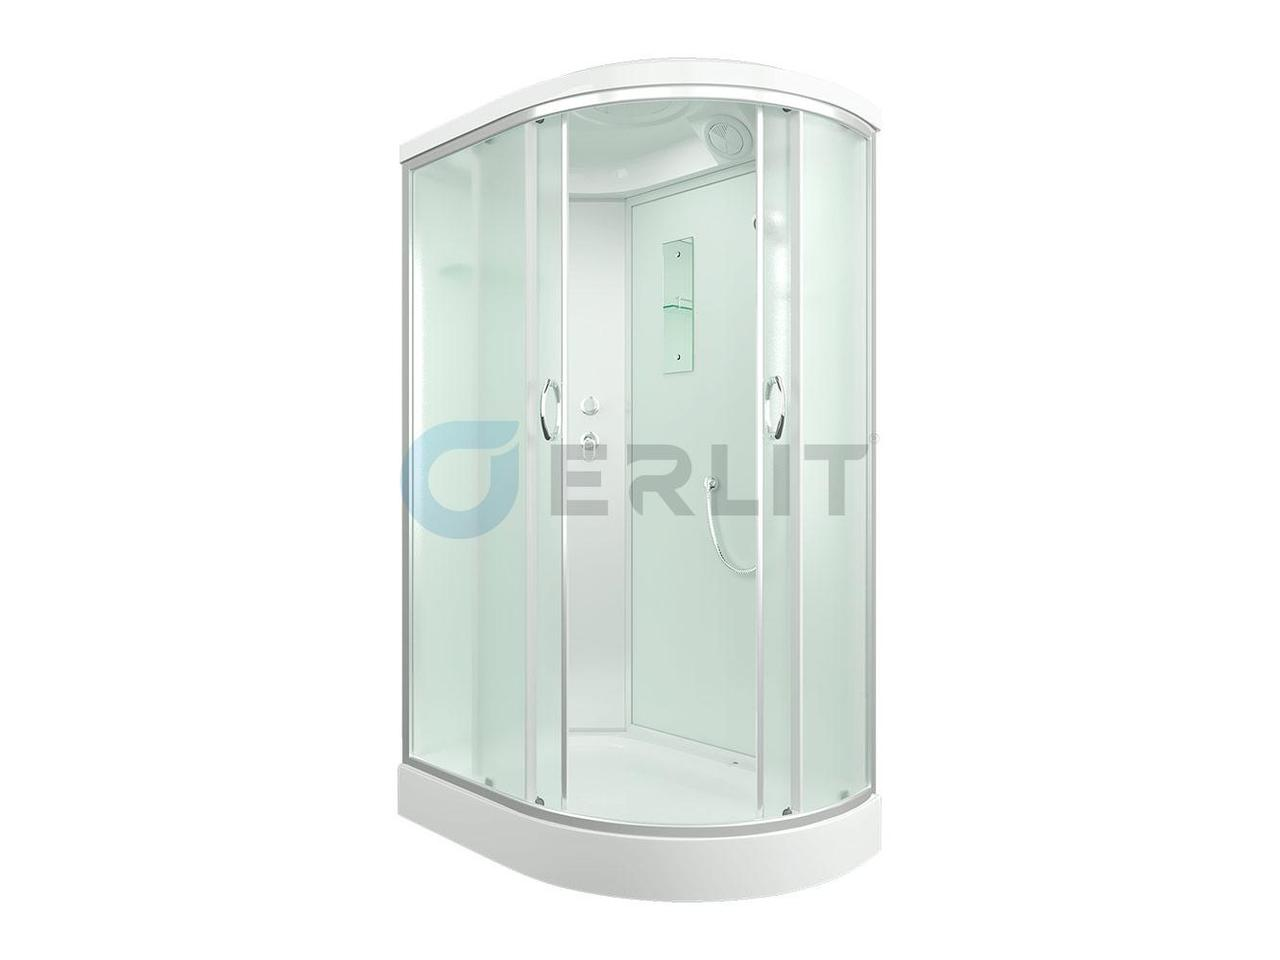 Душевая кабина ERLIT ER3512PL-C3  низкий поддон, матовое стекло